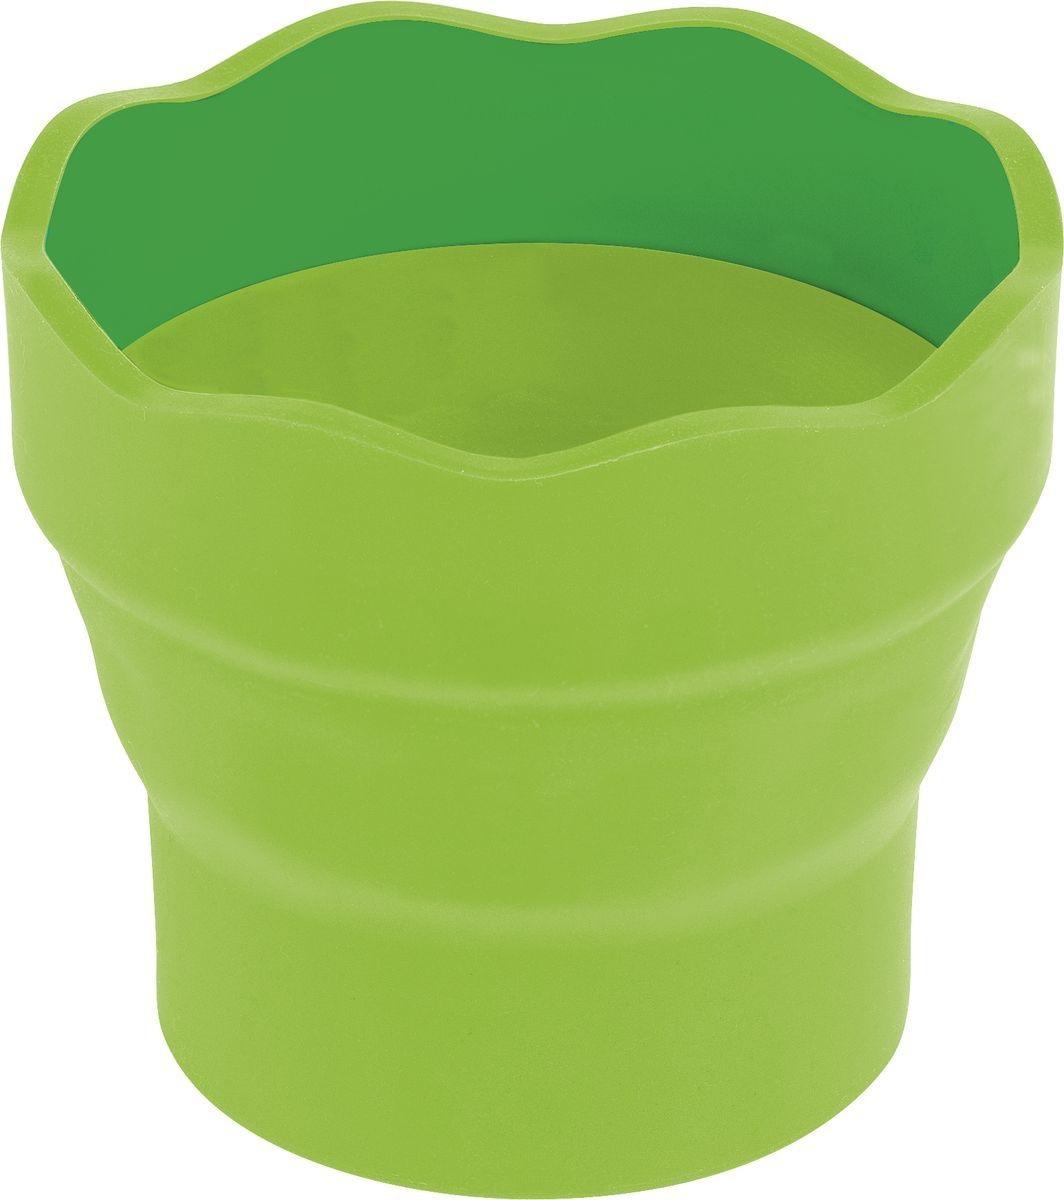 Faber-Castell Стакан-непроливайка Clic &amp; Go  зеленыйСтакан-непроливайка Faber-Castell Clic &amp; Go станет незаменимым атрибутом в процессе рисования.Складная конструкция облегчает хранение стакана. Волнообразные края превращают его в практичную подставку под кисточки.<br>